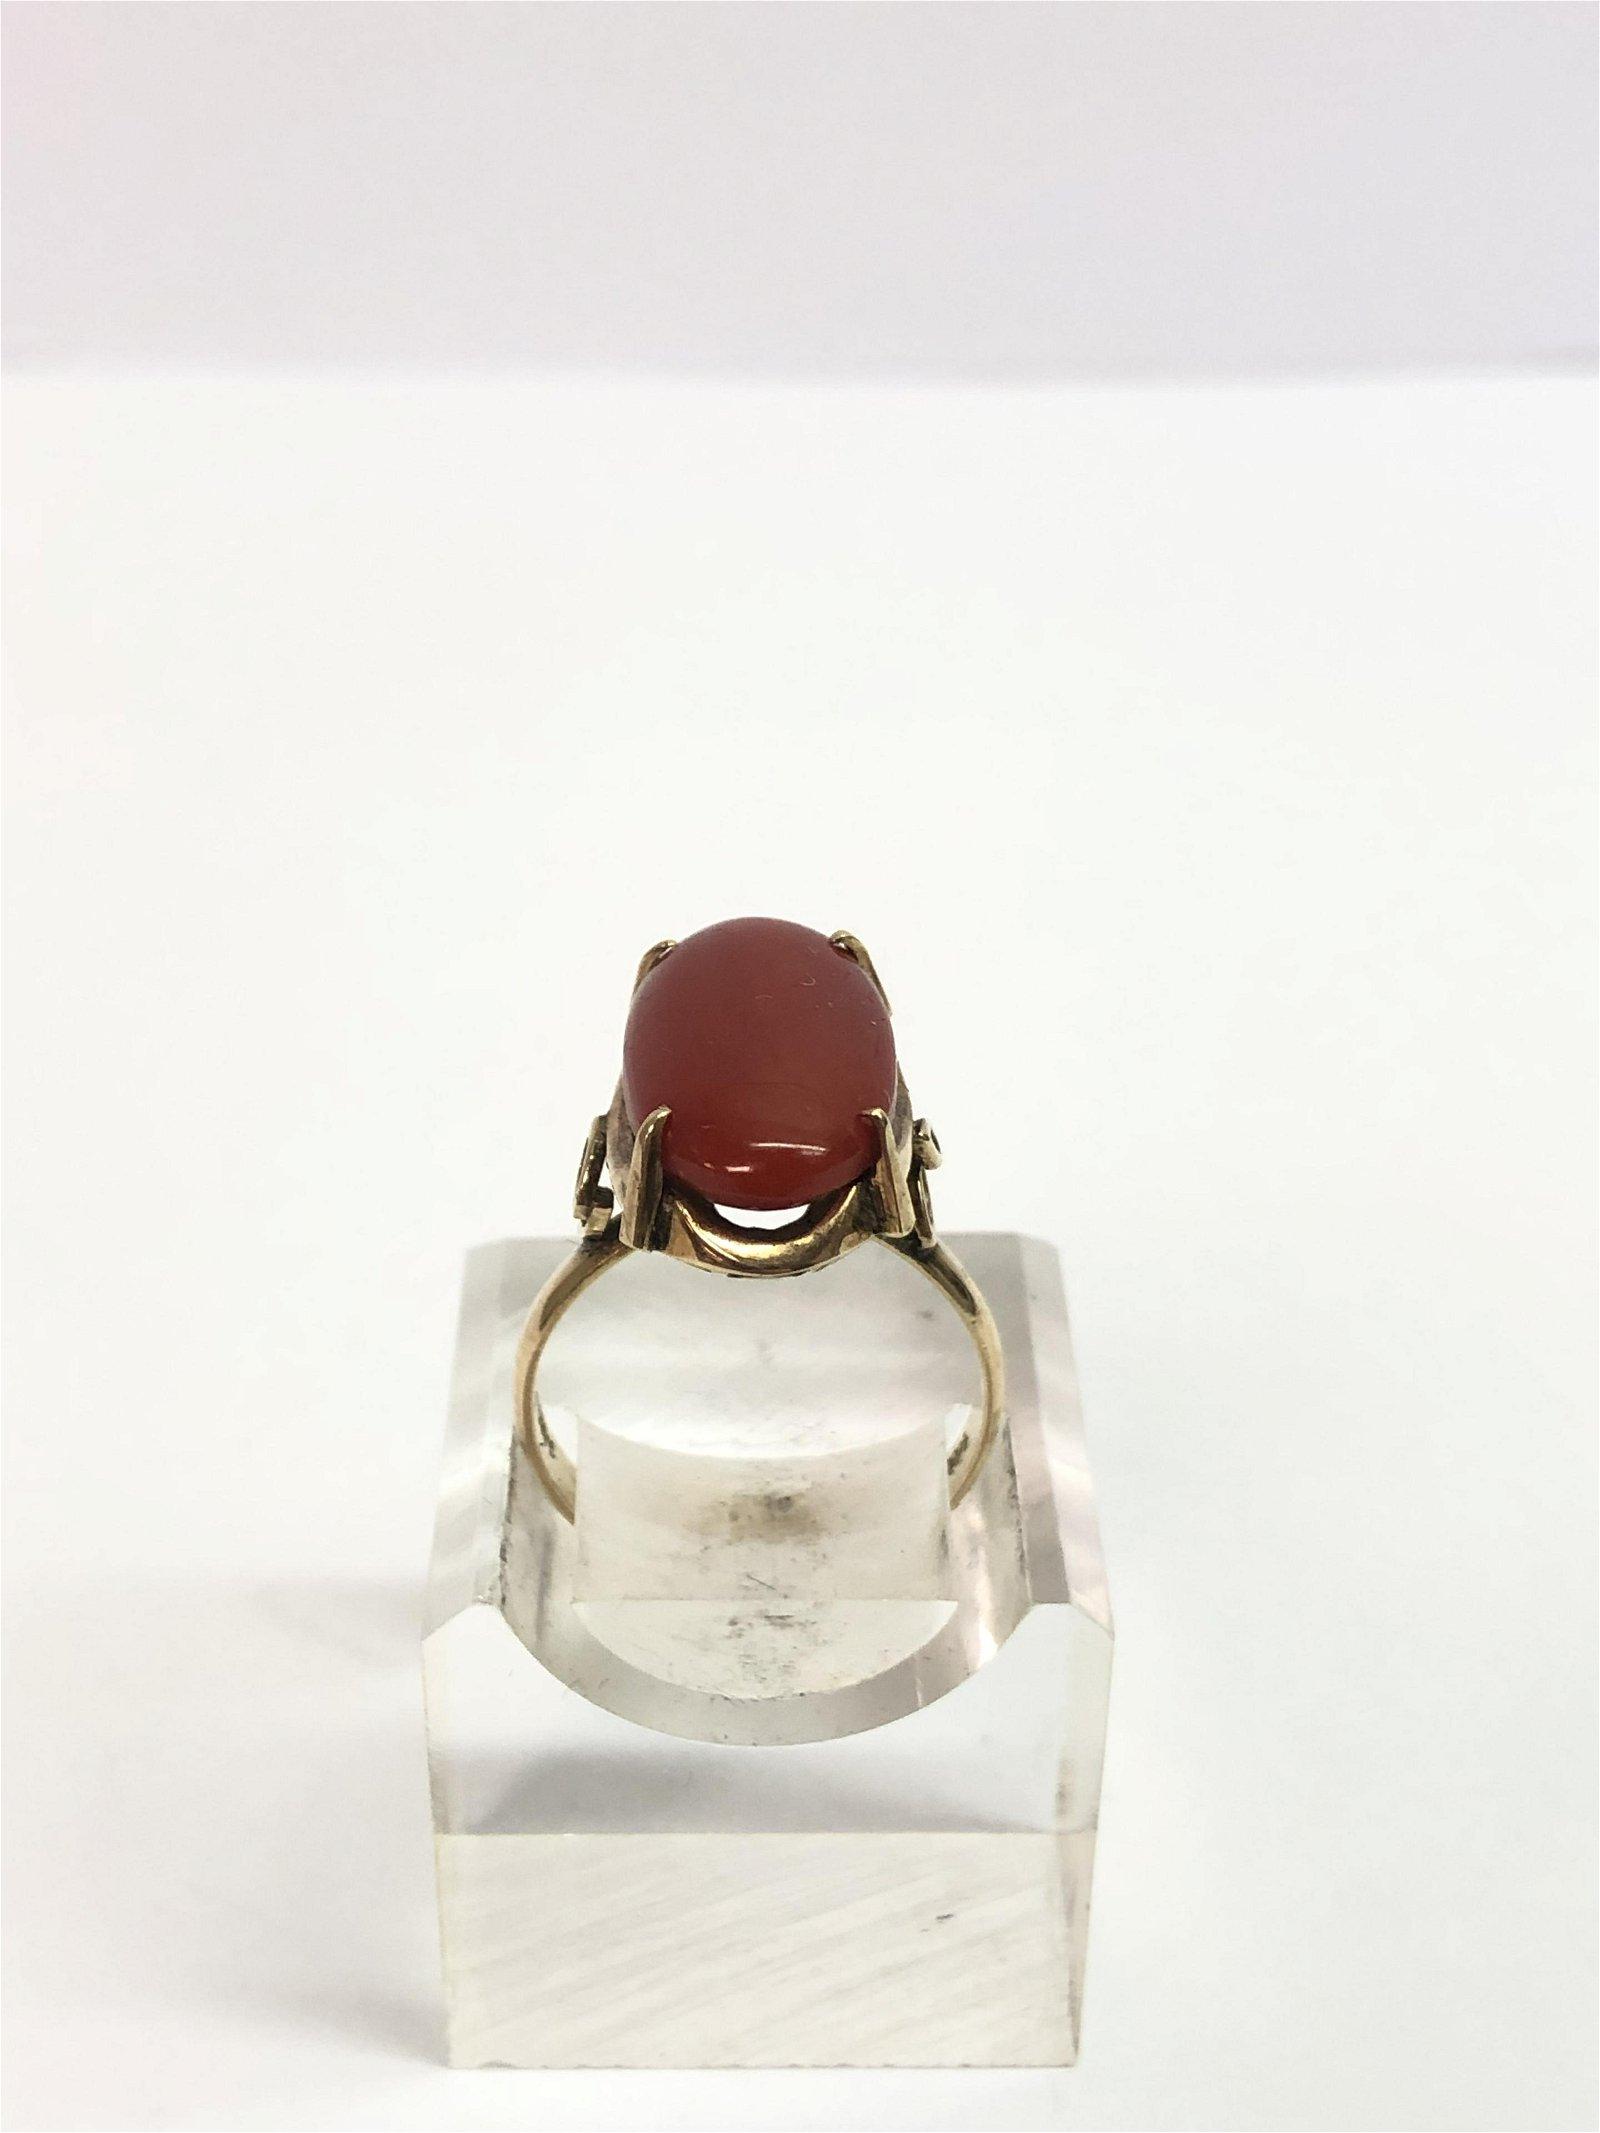 Vintage 14K Gold Coral / Agate Ring